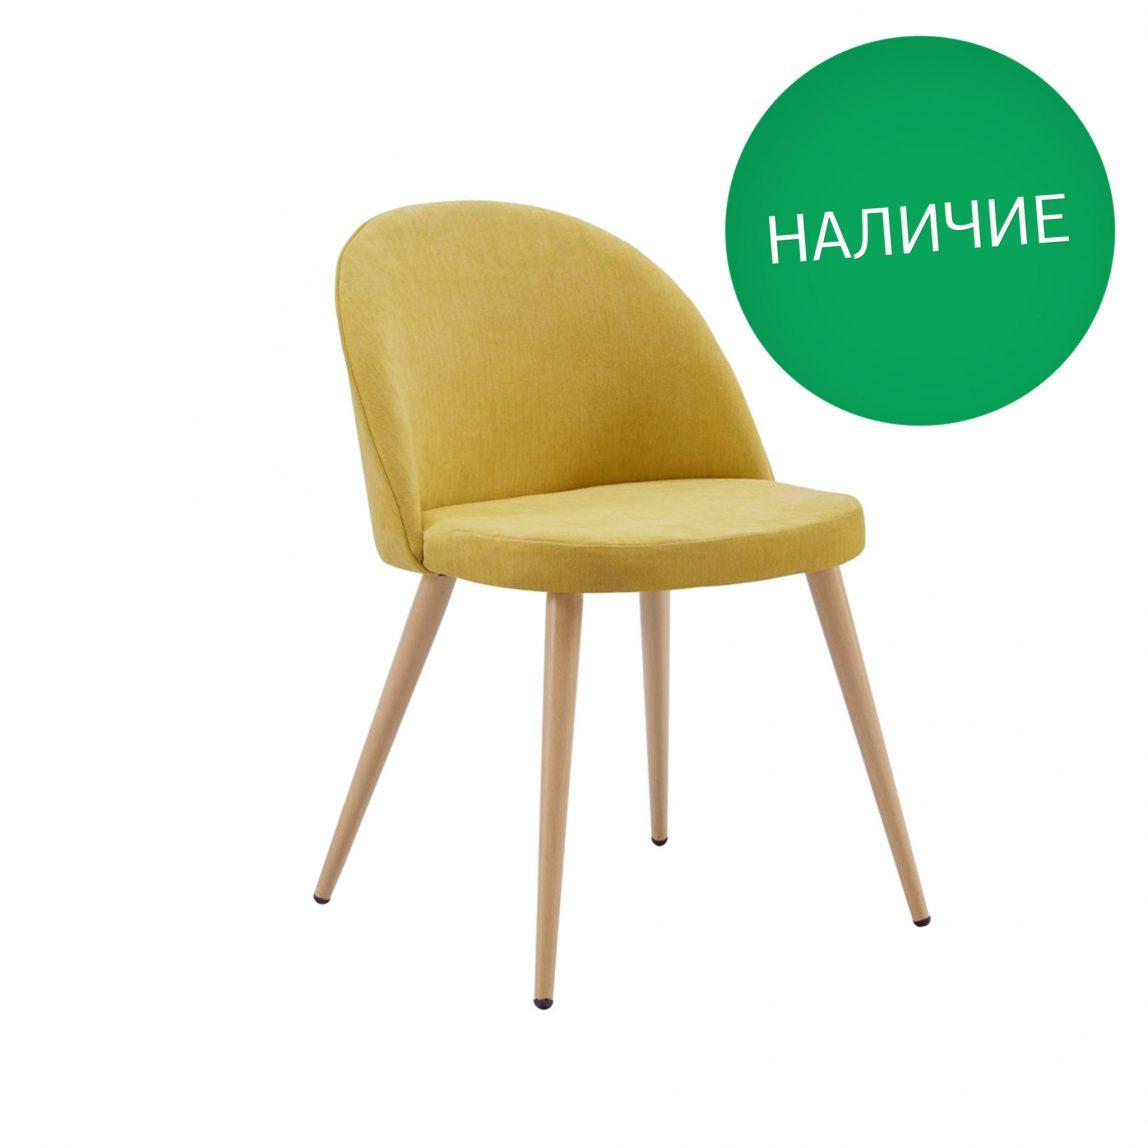 стул скандинавский желтый